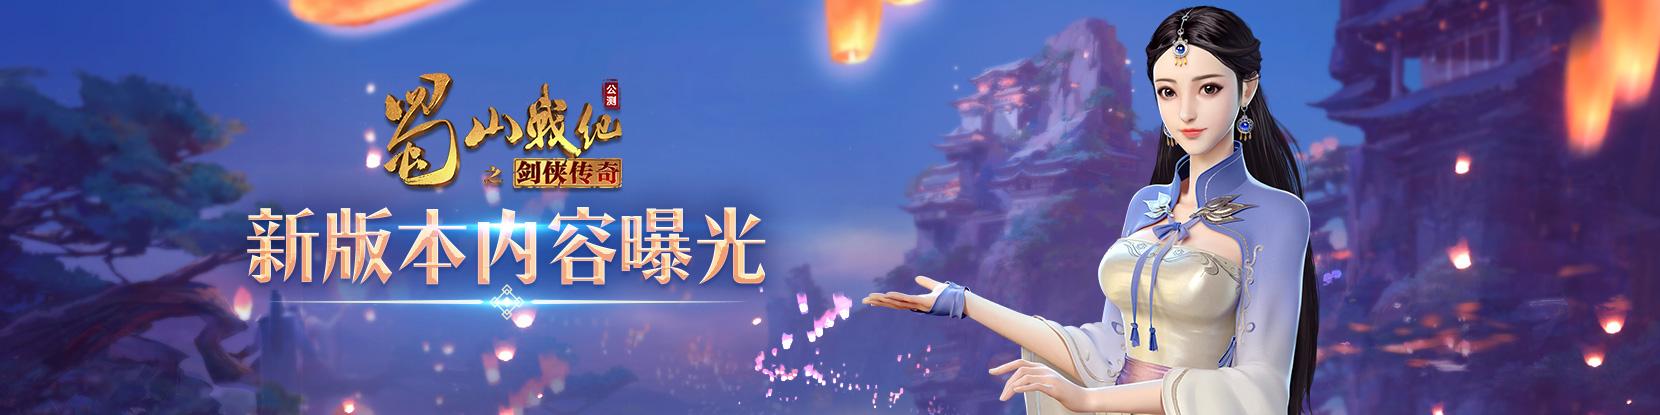 蓝港《蜀山战纪》手游新版本内容曝光